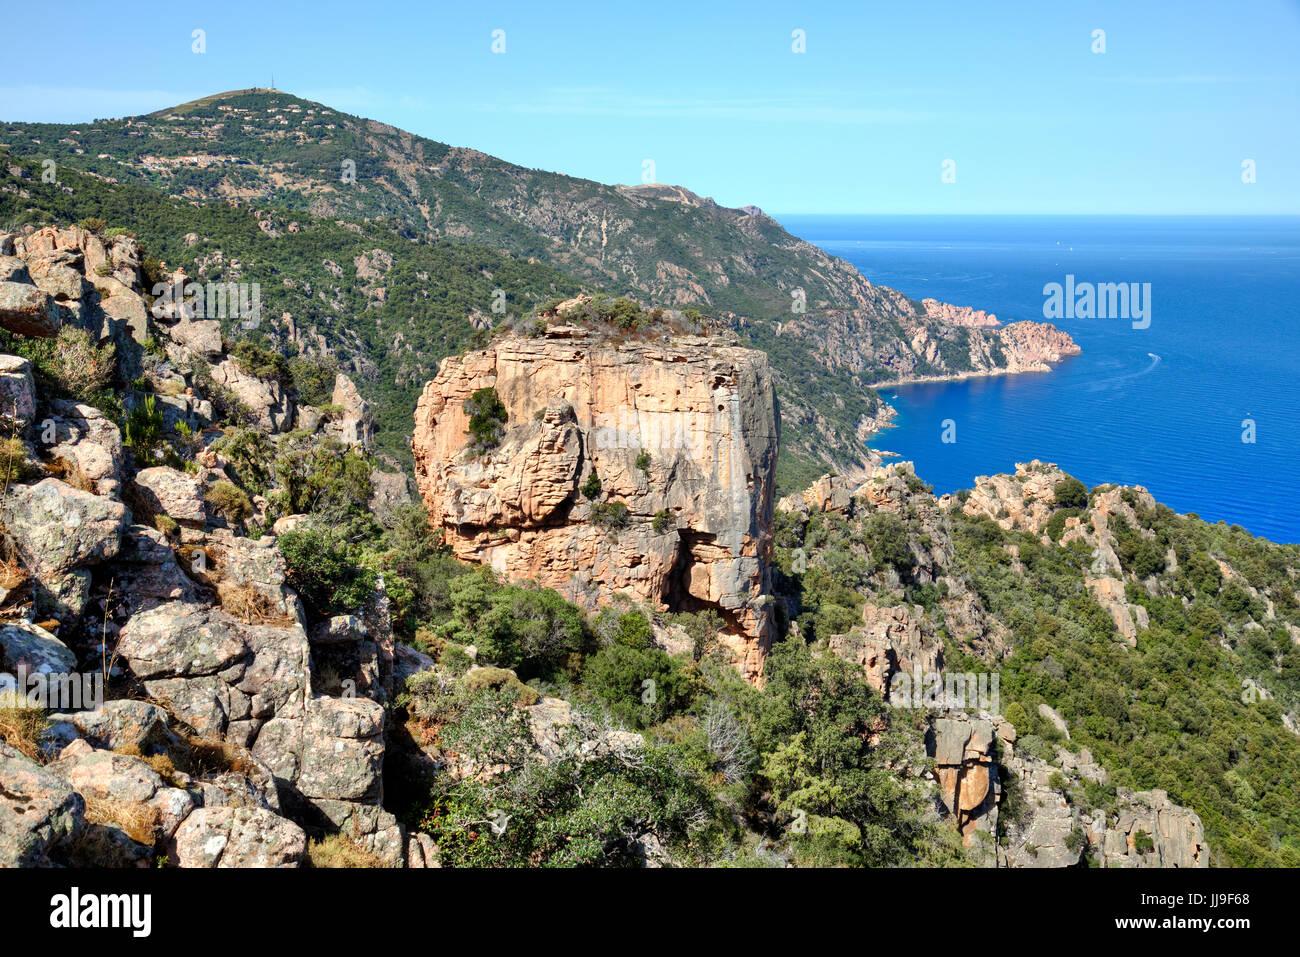 Calanques de Piana, Chateau Fort, Piana, Corsica, France - Stock Image